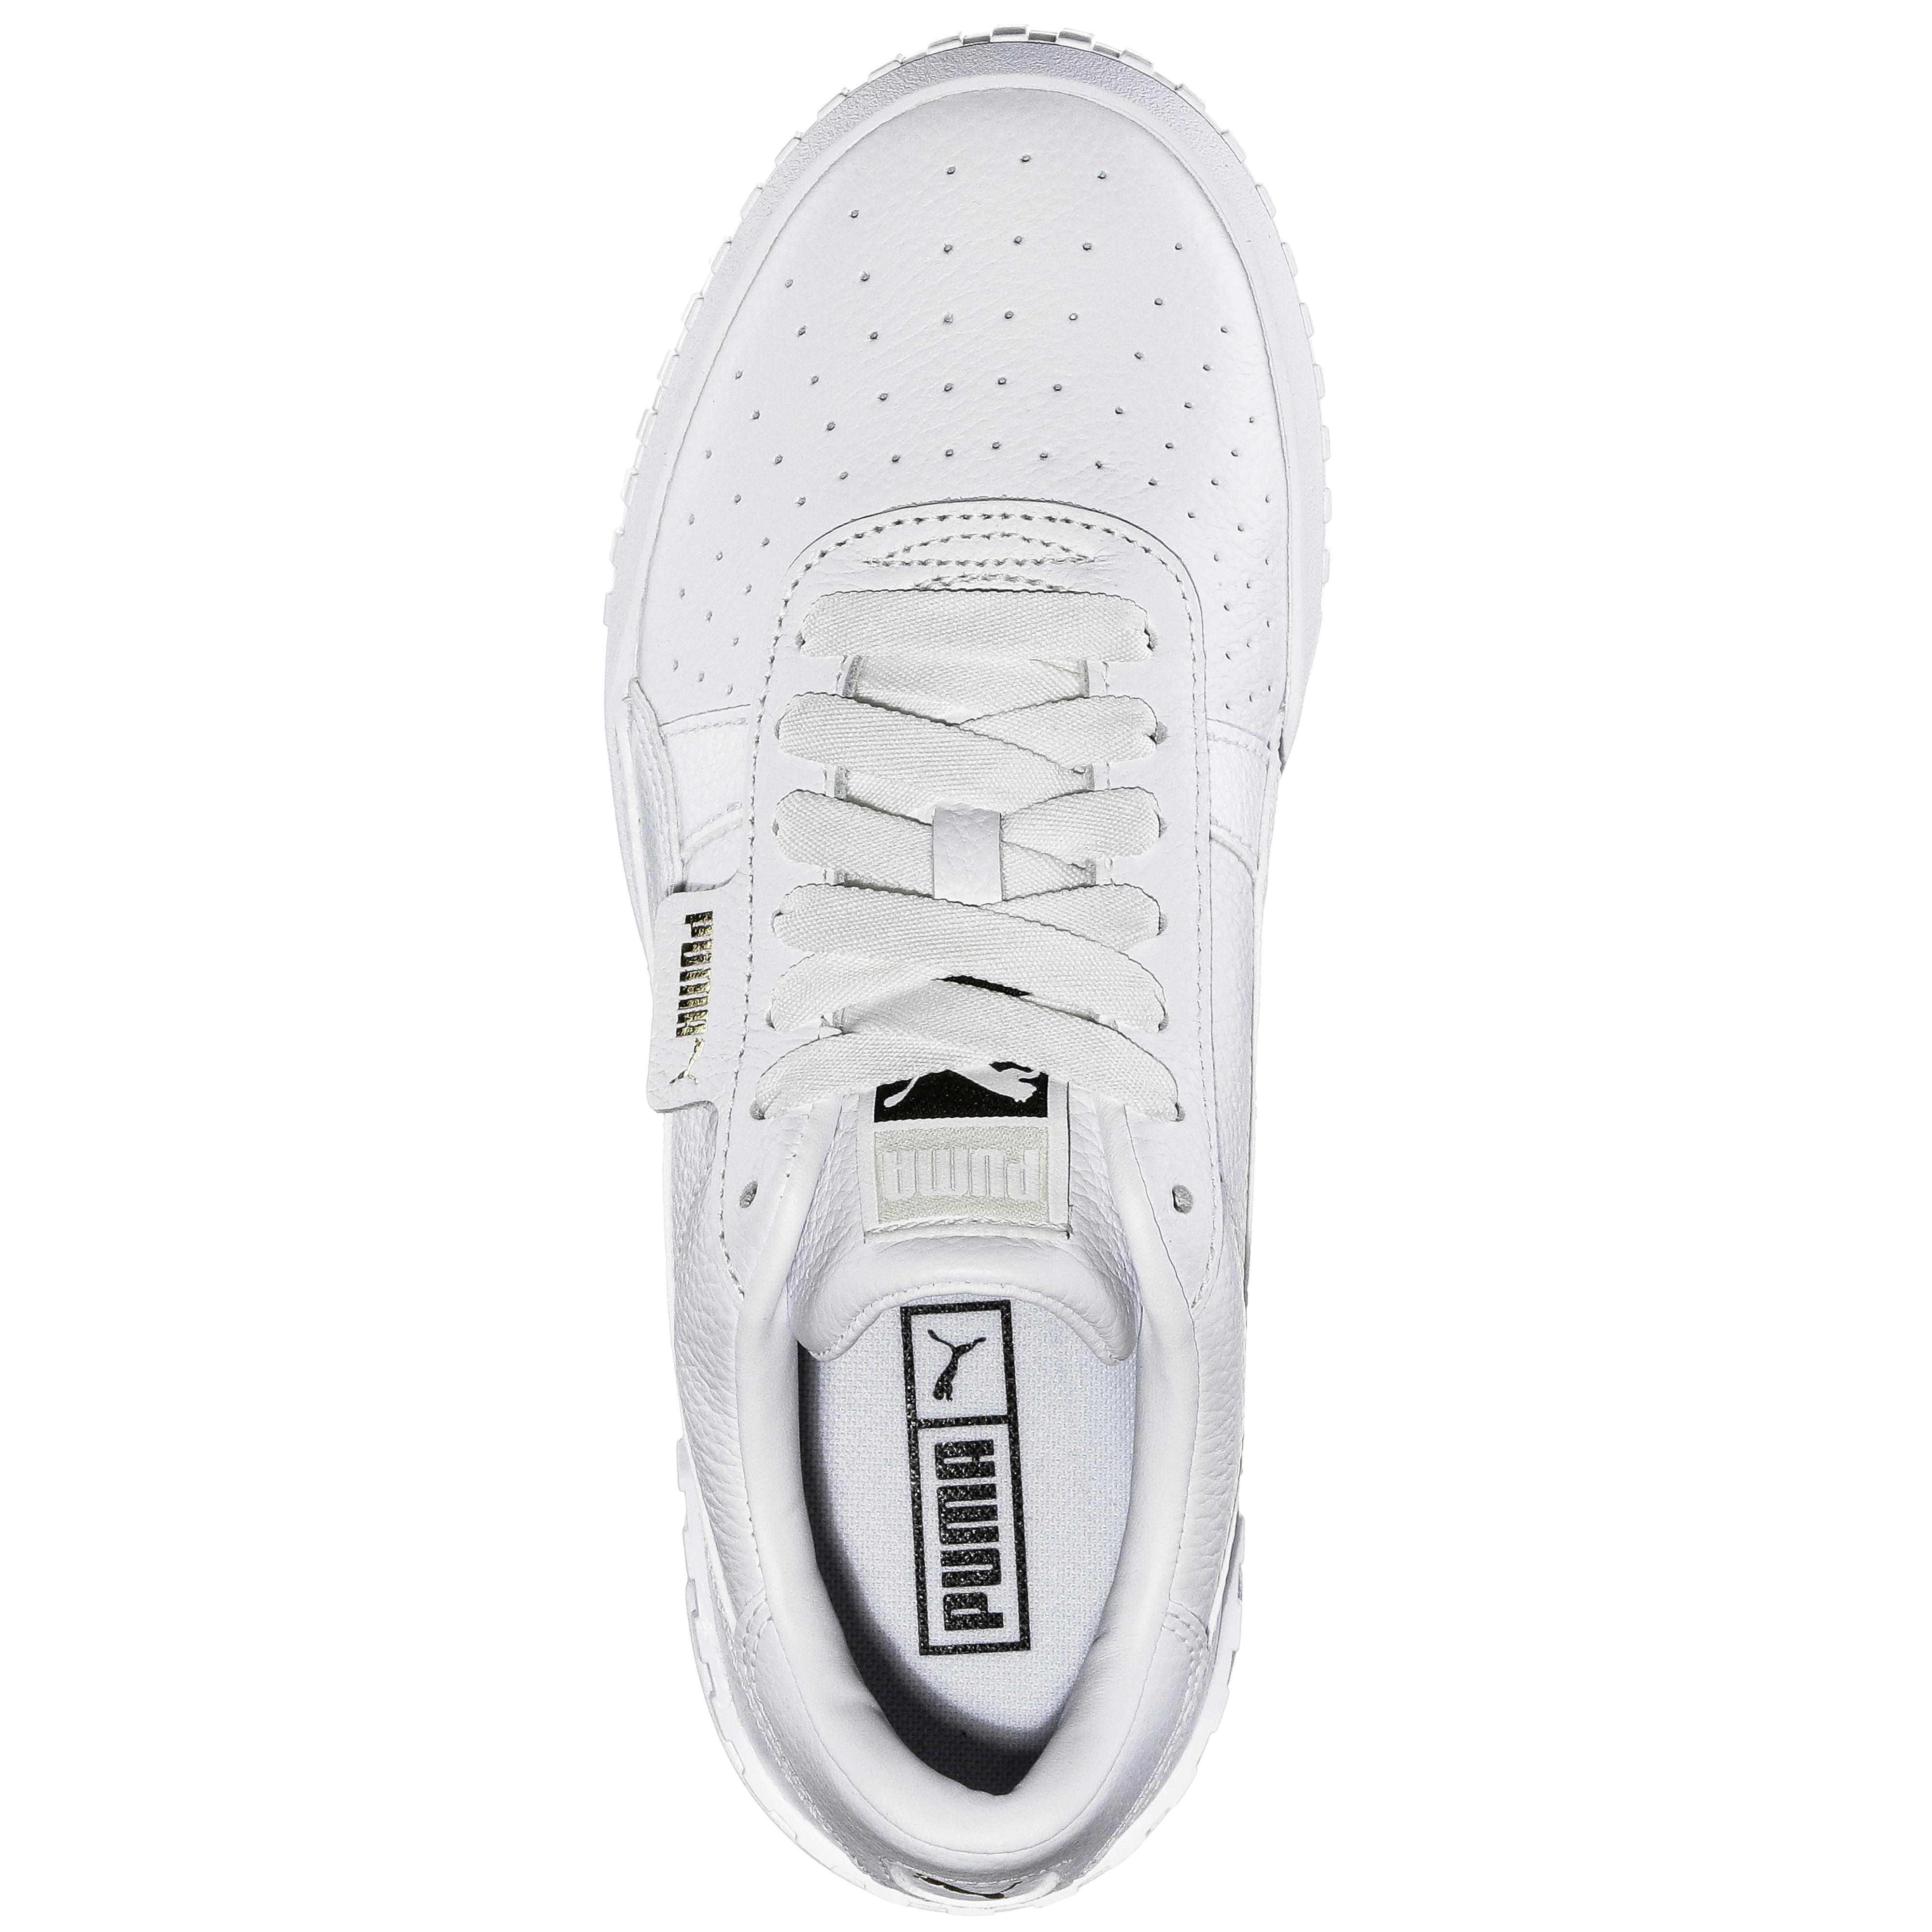 PUMA Cali Turnschuhe Damen Damen Damen puma Weiß-puma Weiß im Online Shop von SportScheck kaufen Gute Qualität beliebte Schuhe 29951b